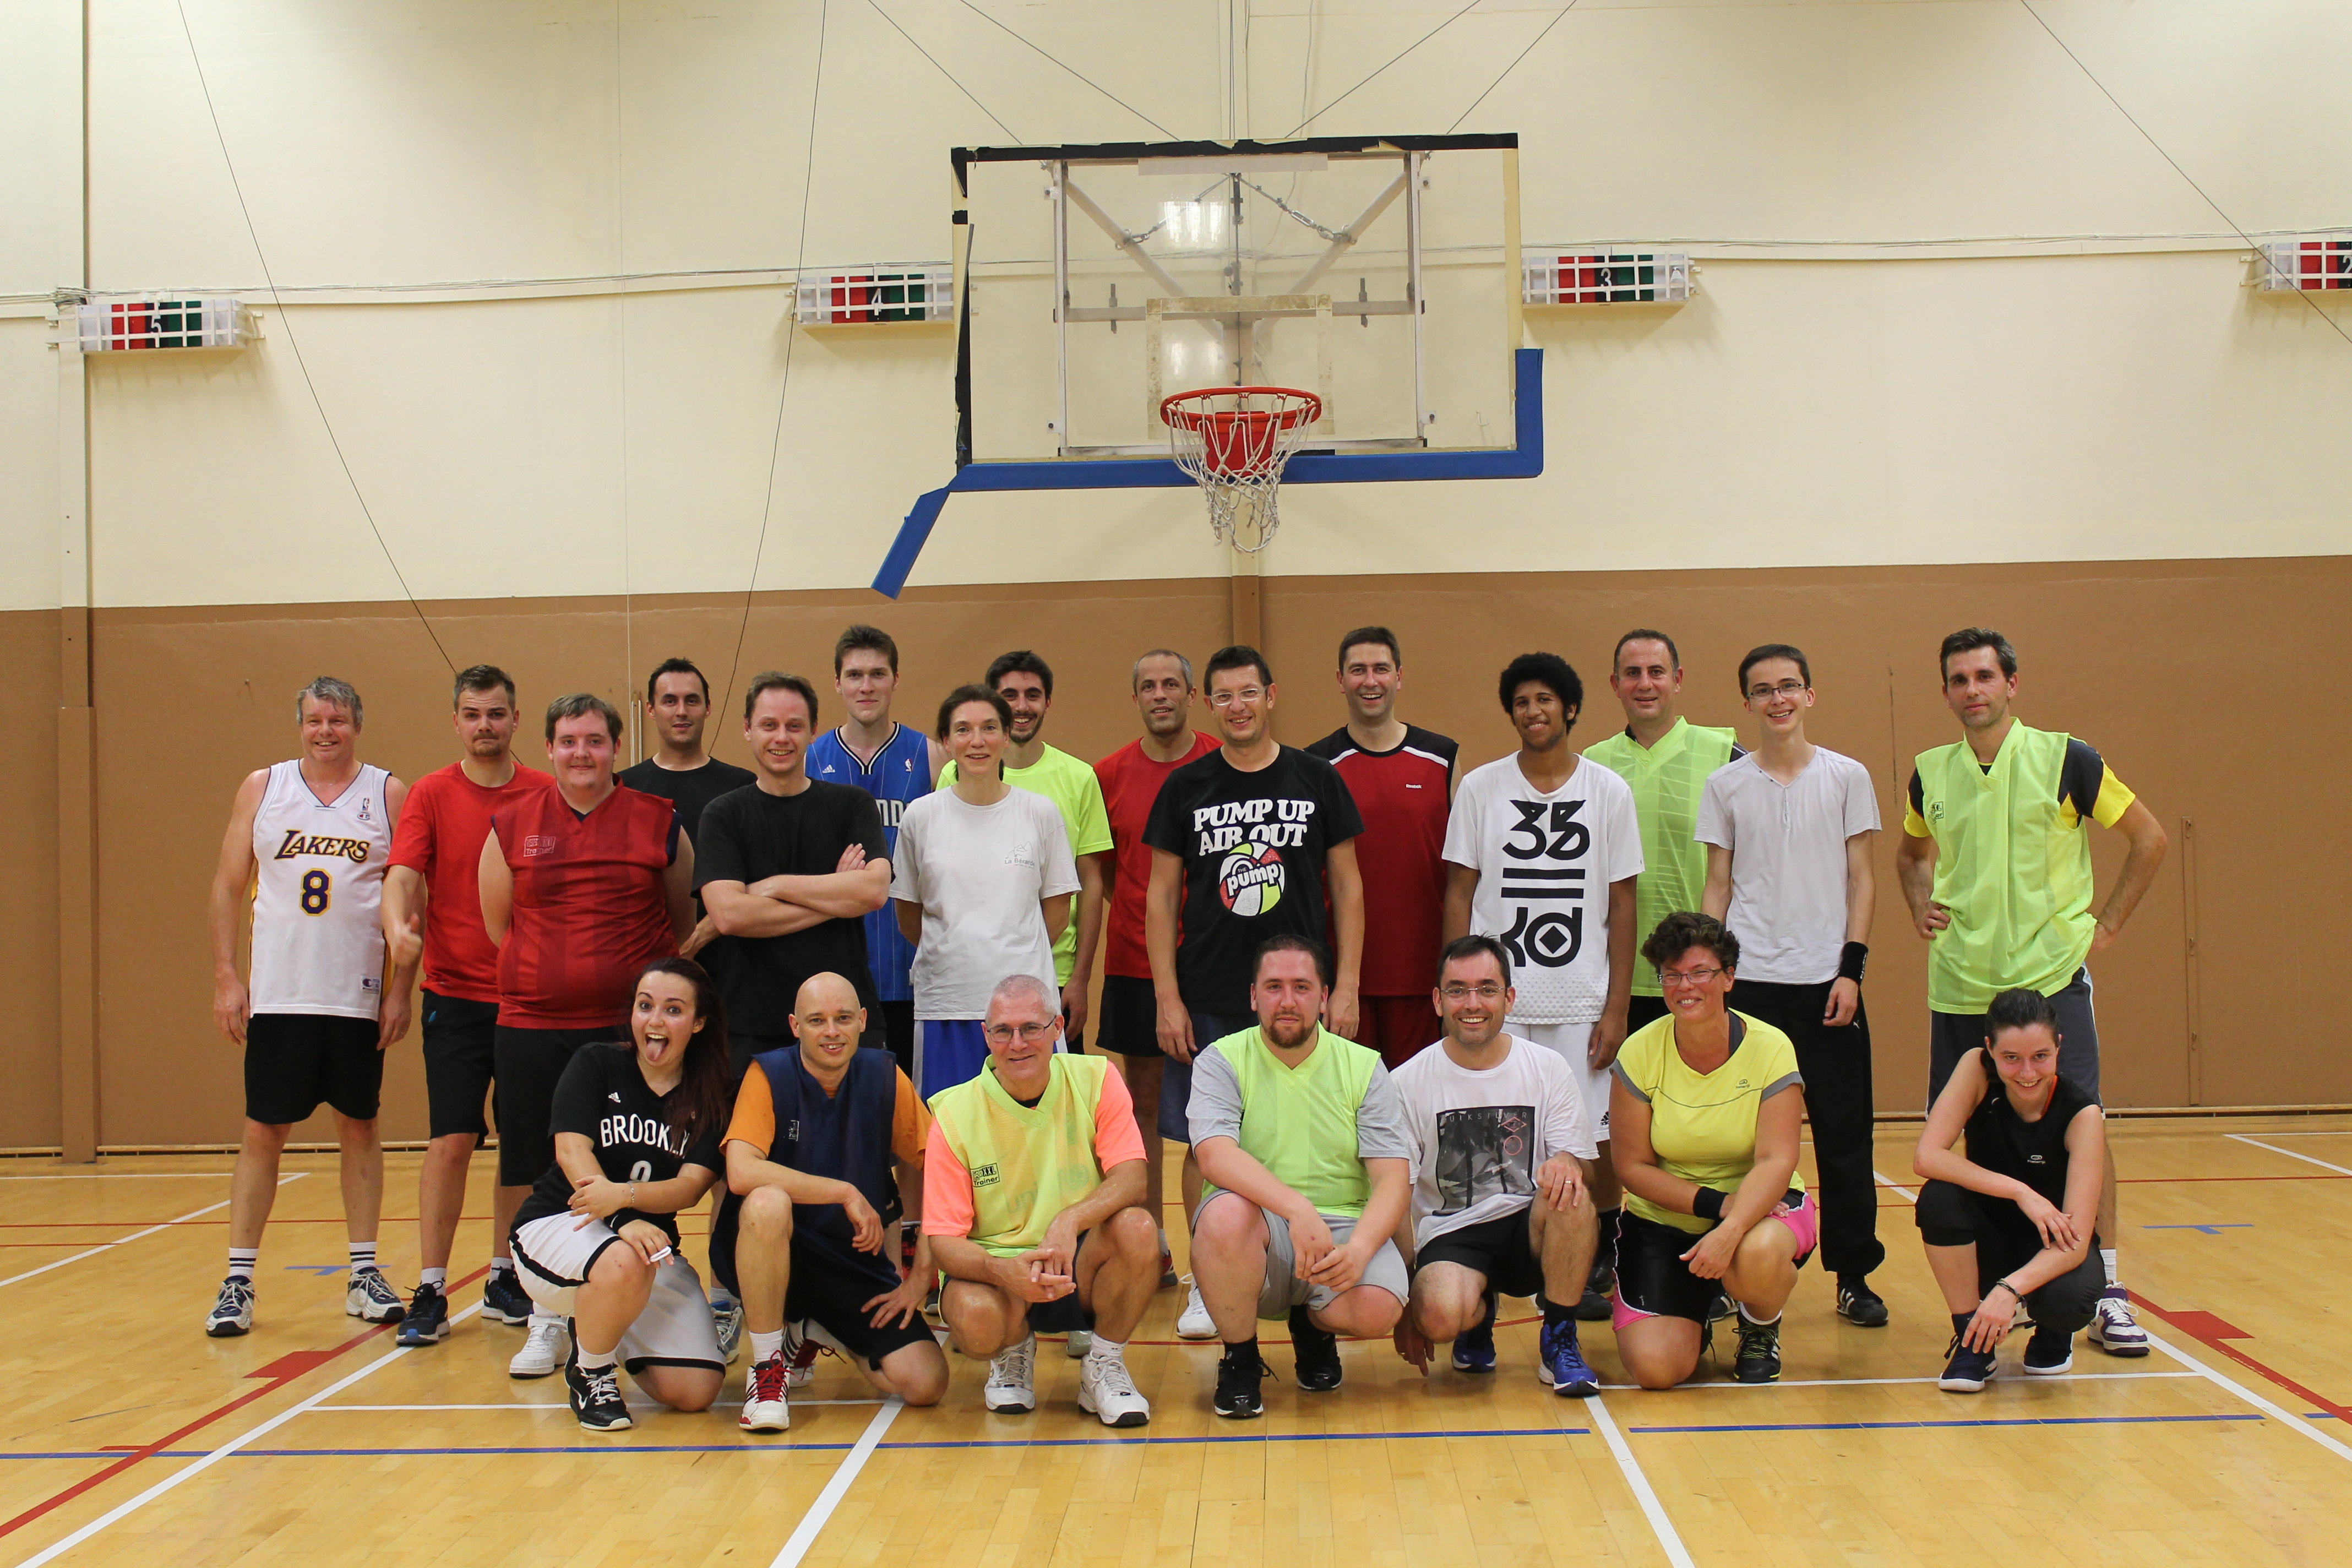 loisir-basket-palaiseau-2016-8